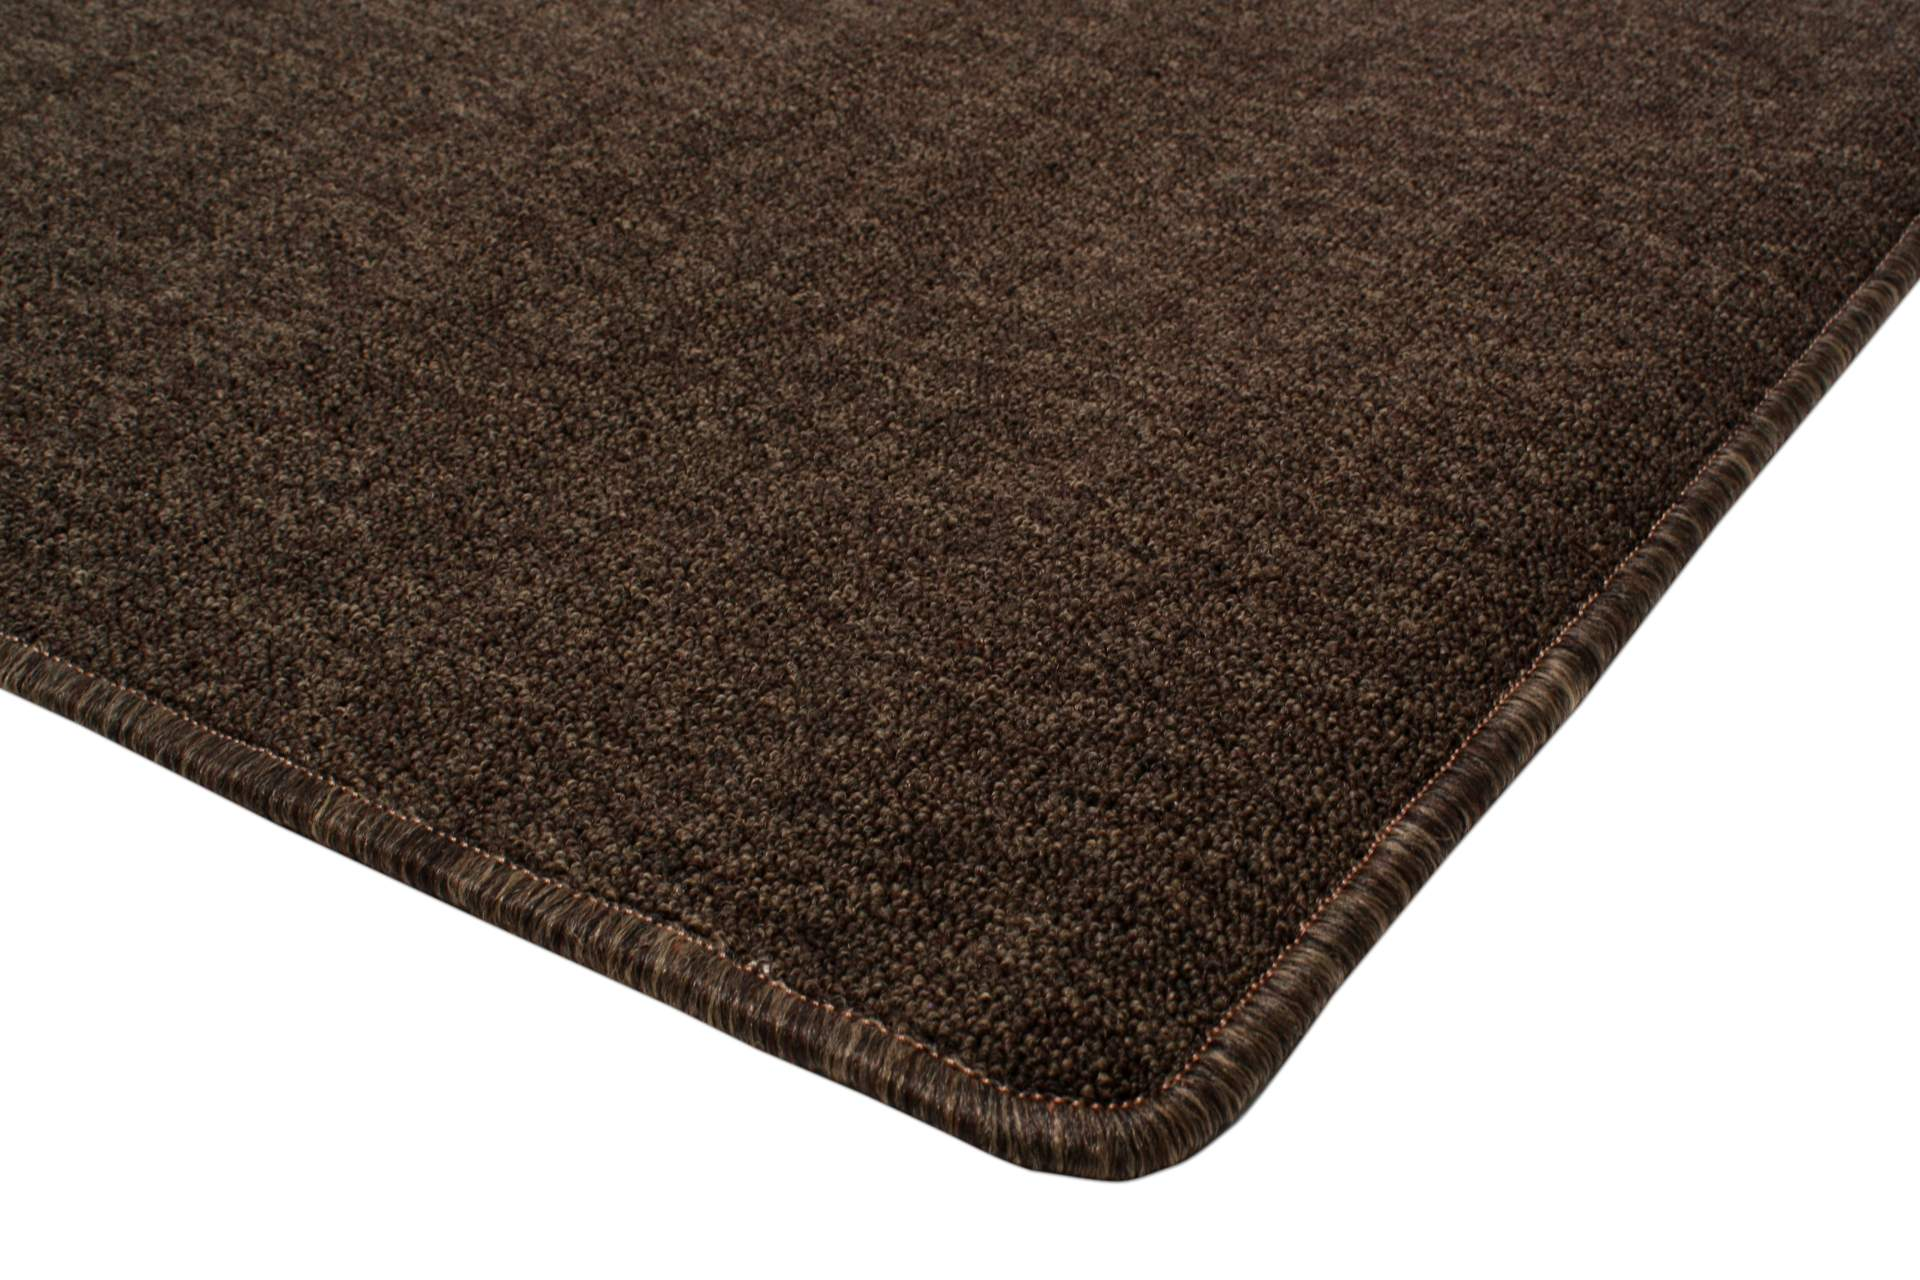 teppichl ufer 90 x 60 cm braun vorleger l ufer teppich matte umkettelt neu eur 4 99 picclick de. Black Bedroom Furniture Sets. Home Design Ideas